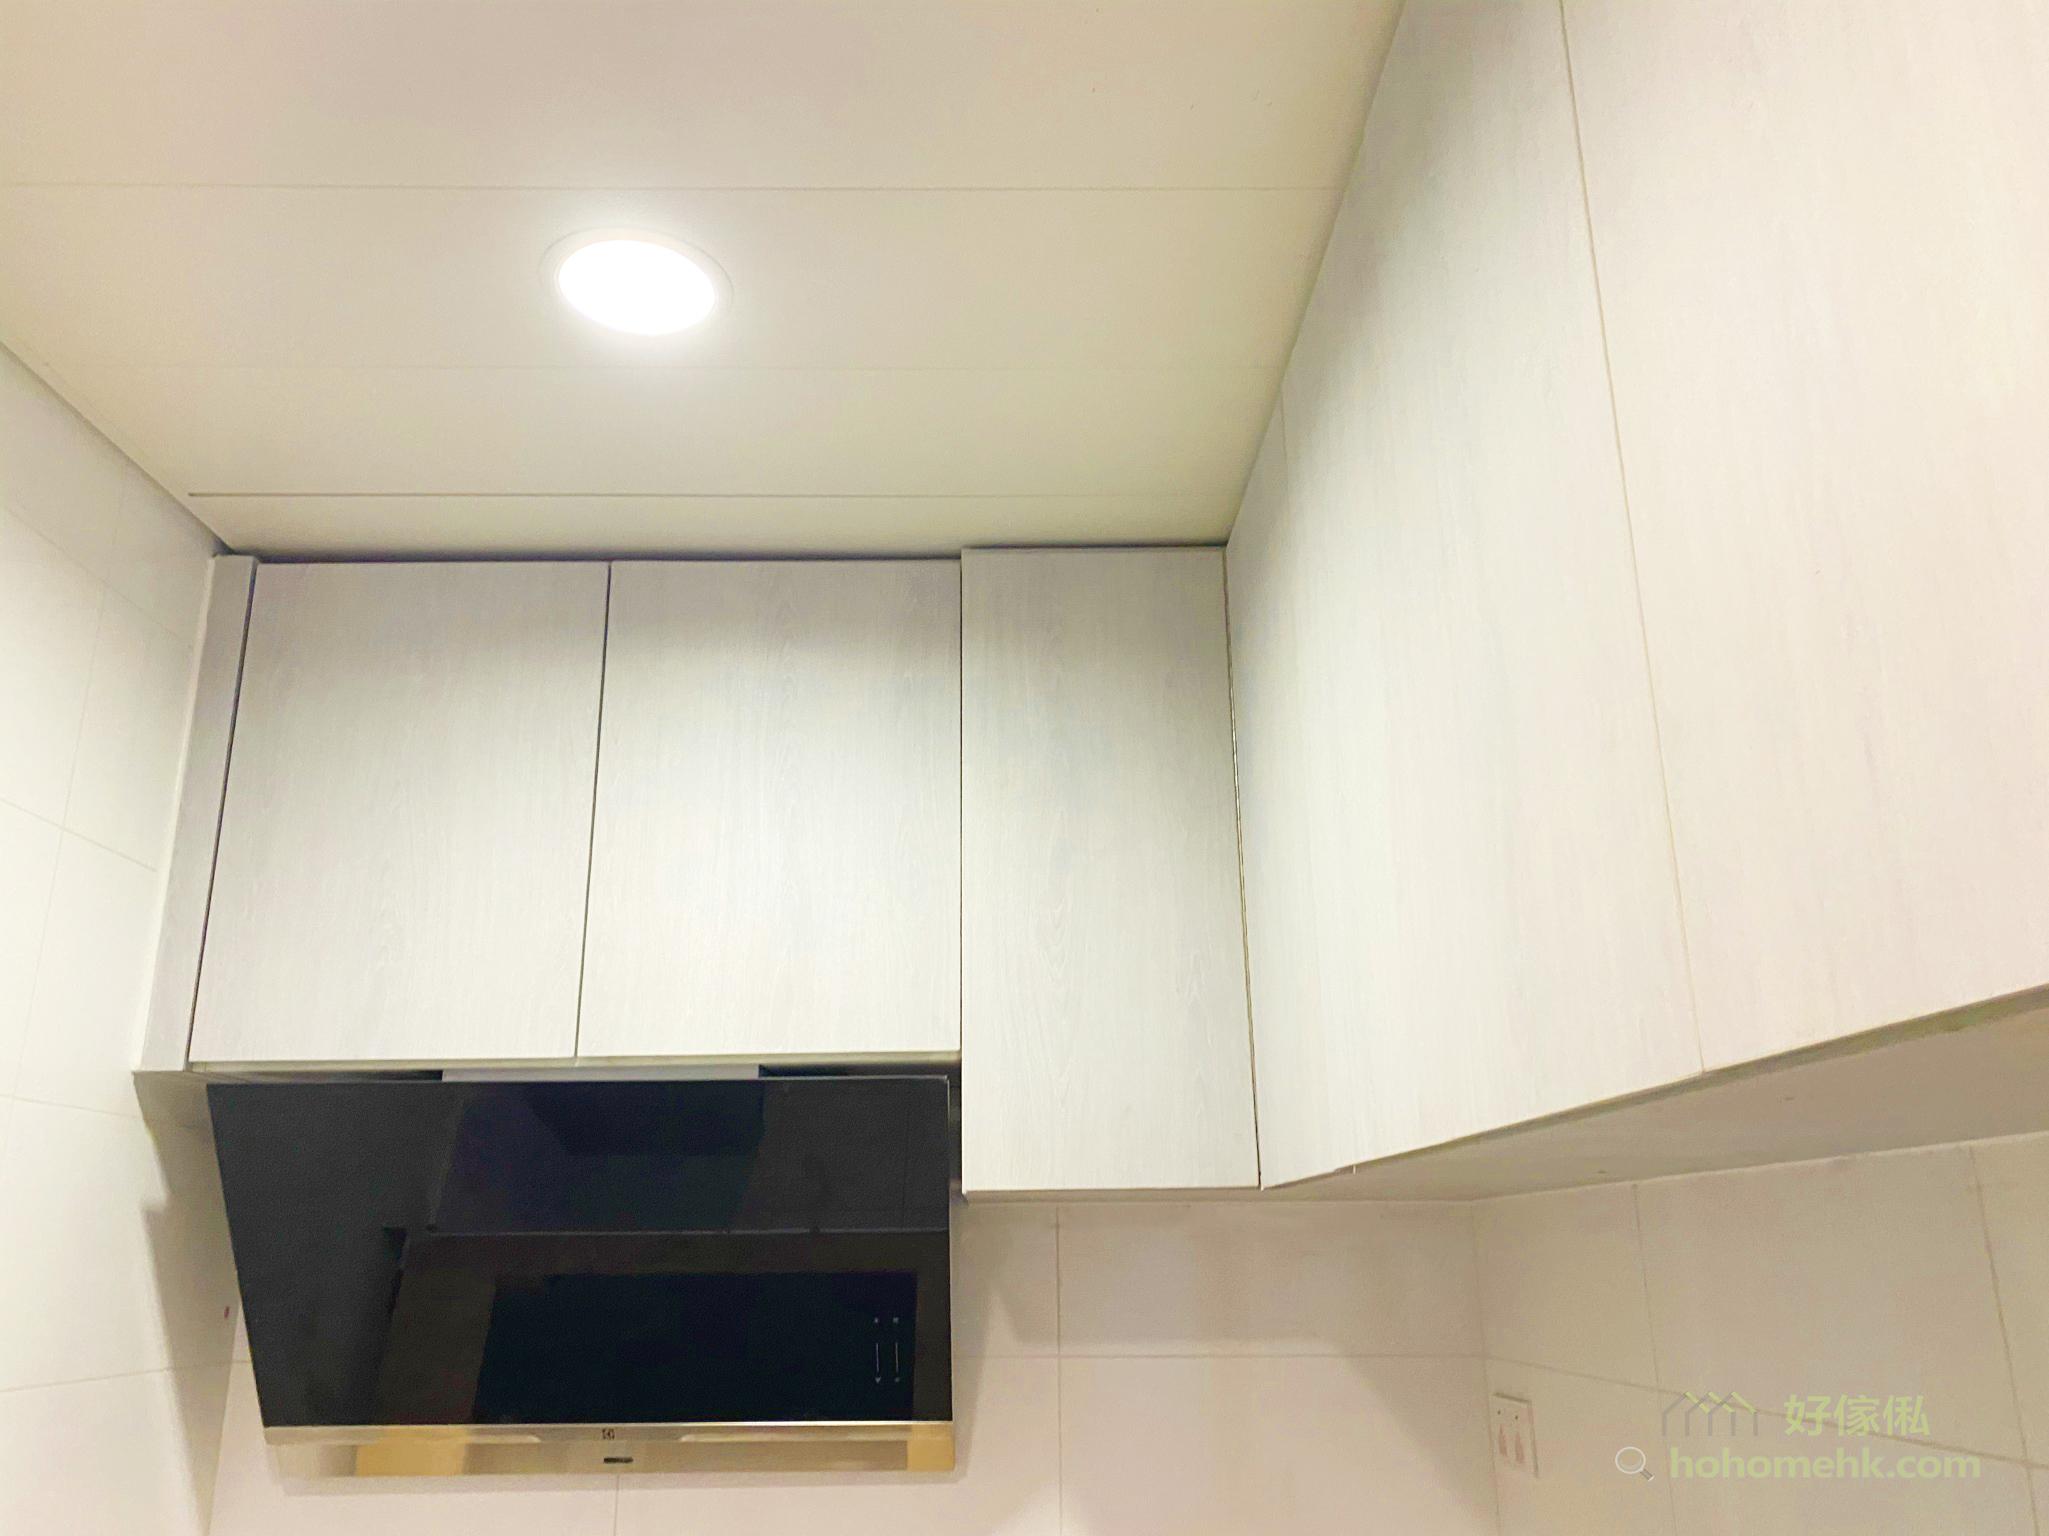 以吊櫃遮蔽抽油煙機的喉管,讓廚房的觀感更整齊美觀